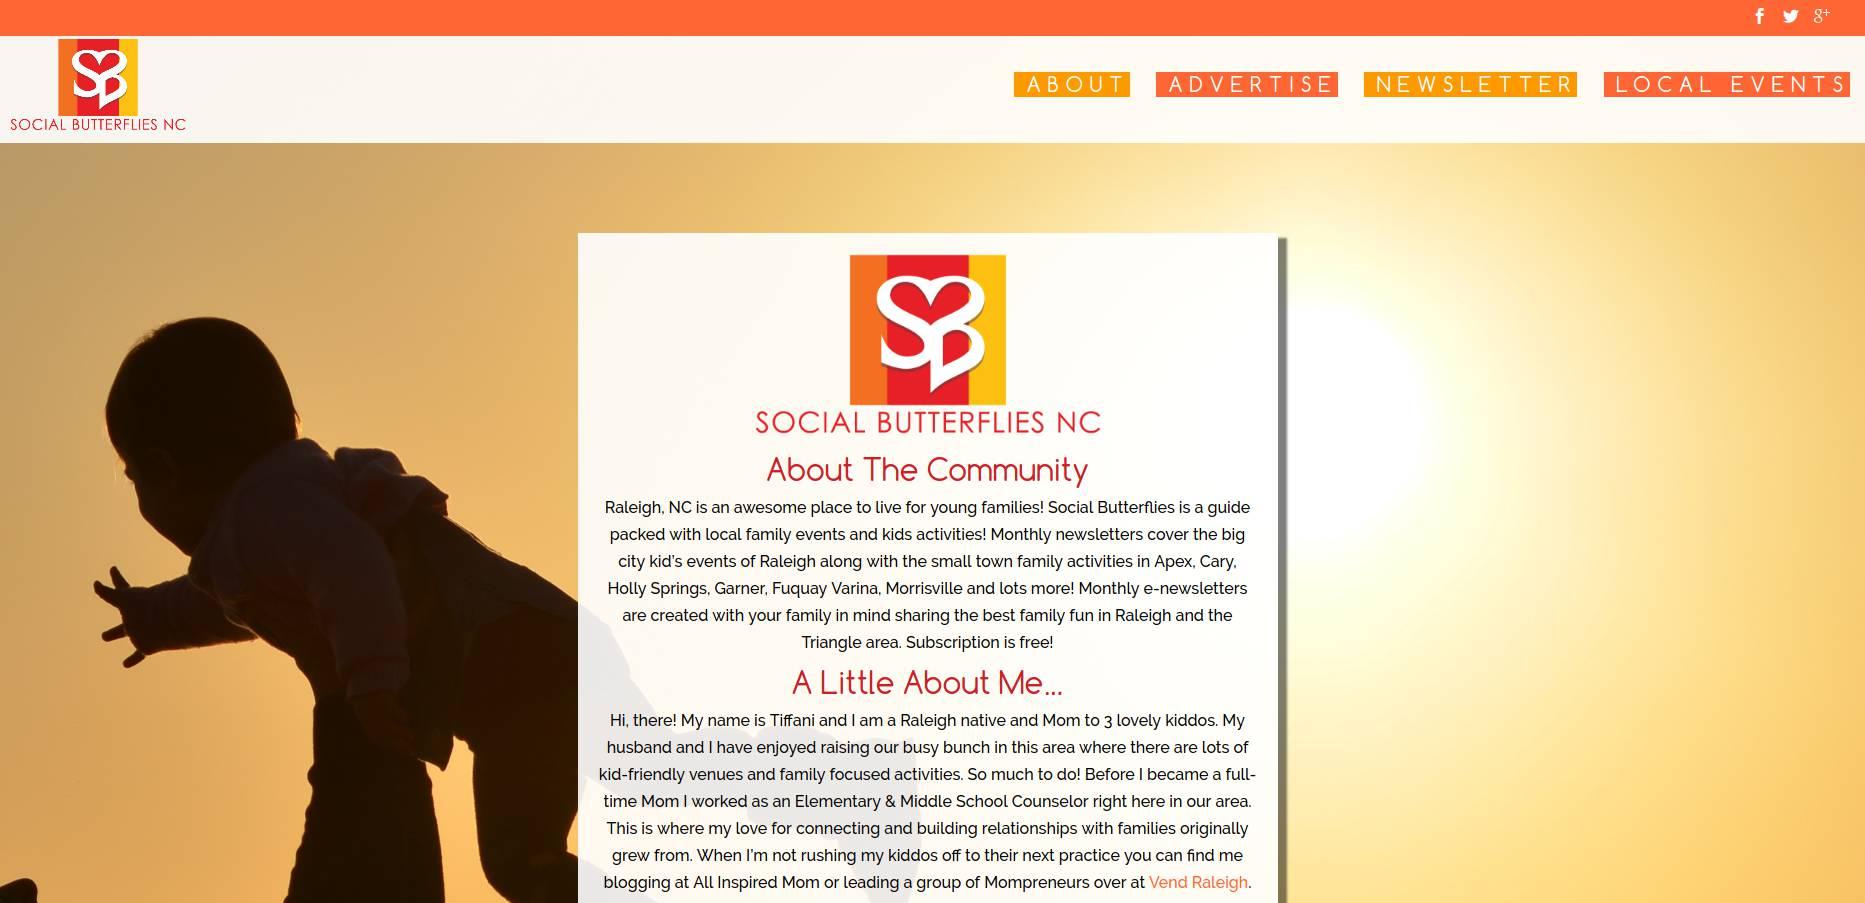 social-butterflies-raleigh-nc-about